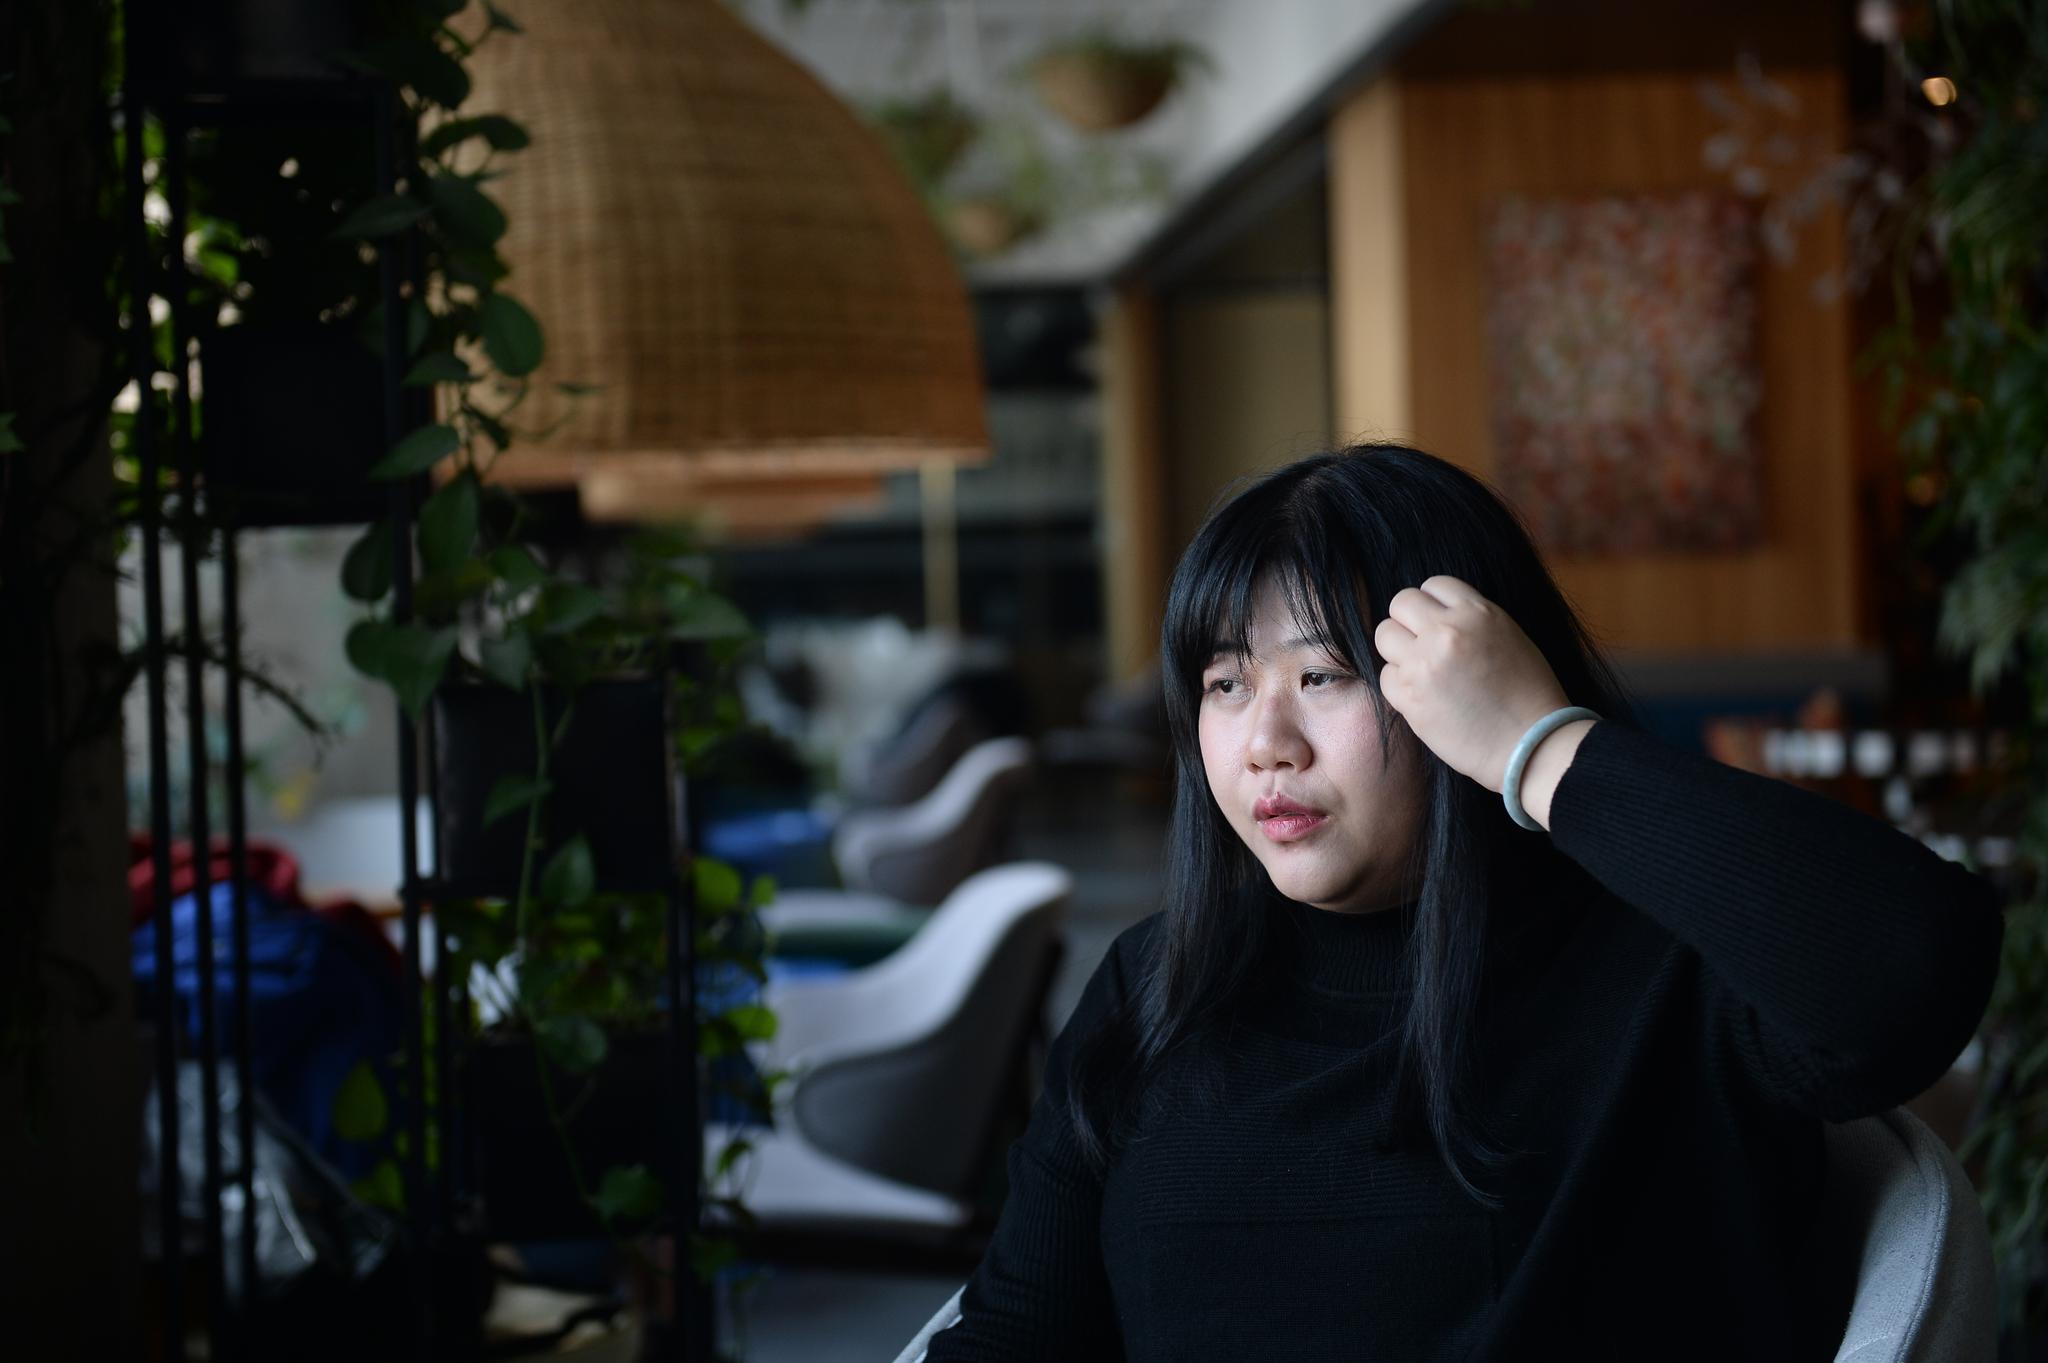 乔碧萝首次露脸采访:现在胖了的照片 - 3